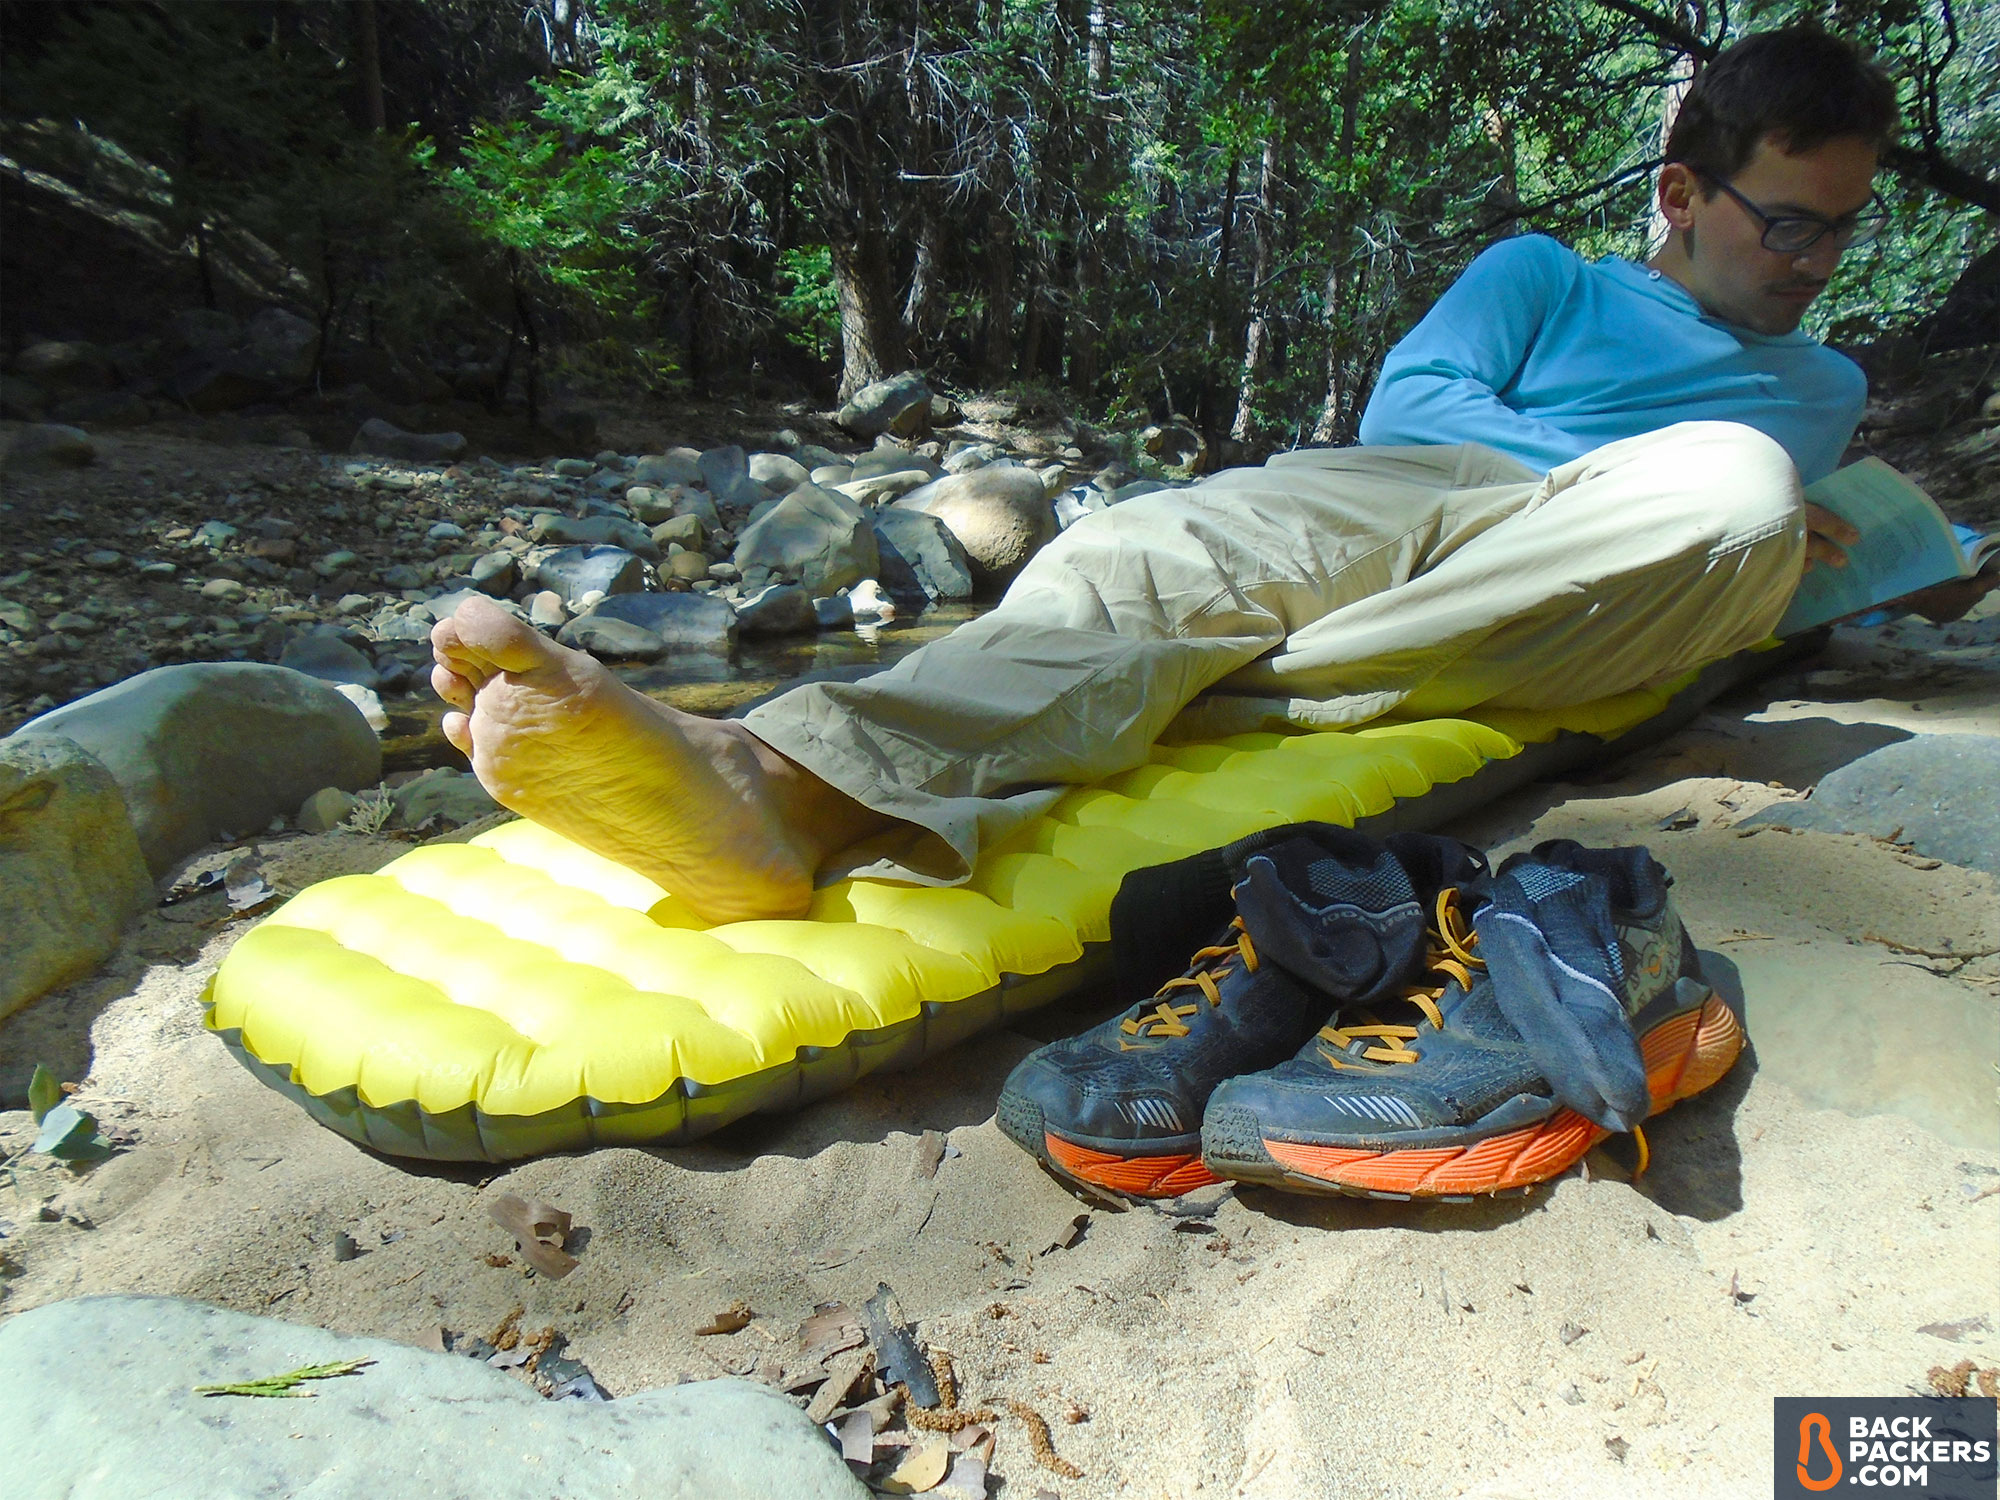 Ultralight надувной туристический коврик для легкоходов Немо Тенсор